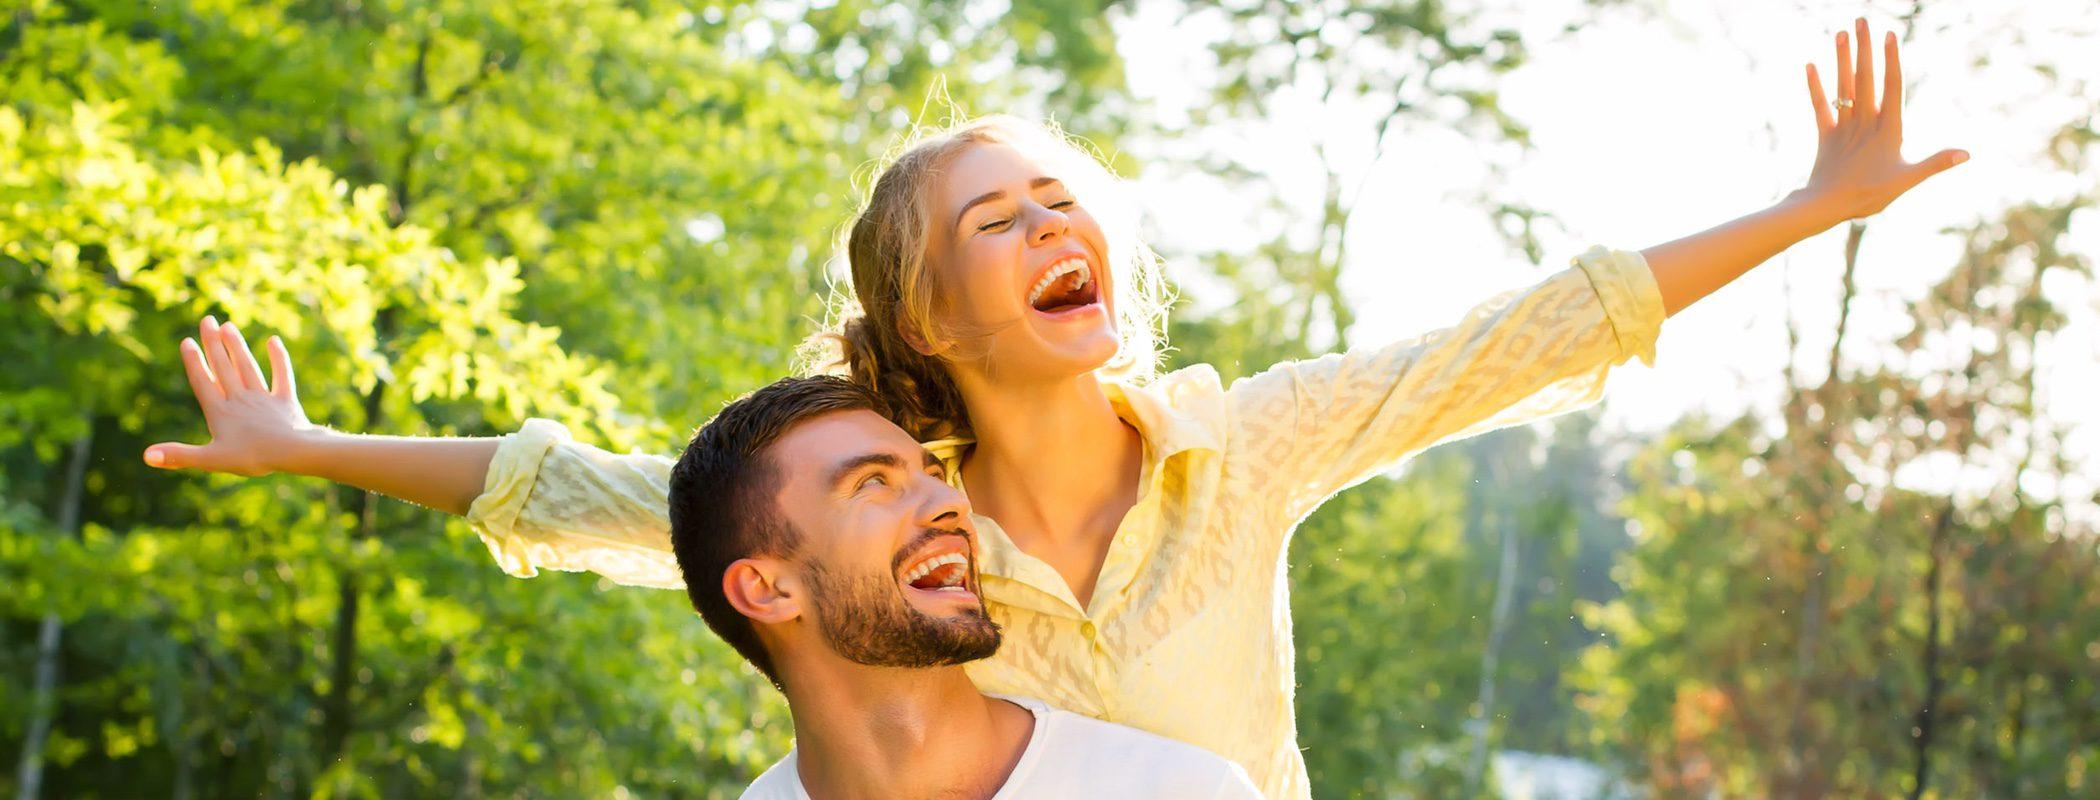 ¿Es posible encontrar el amor para toda la vida como en las generaciones anteriores?